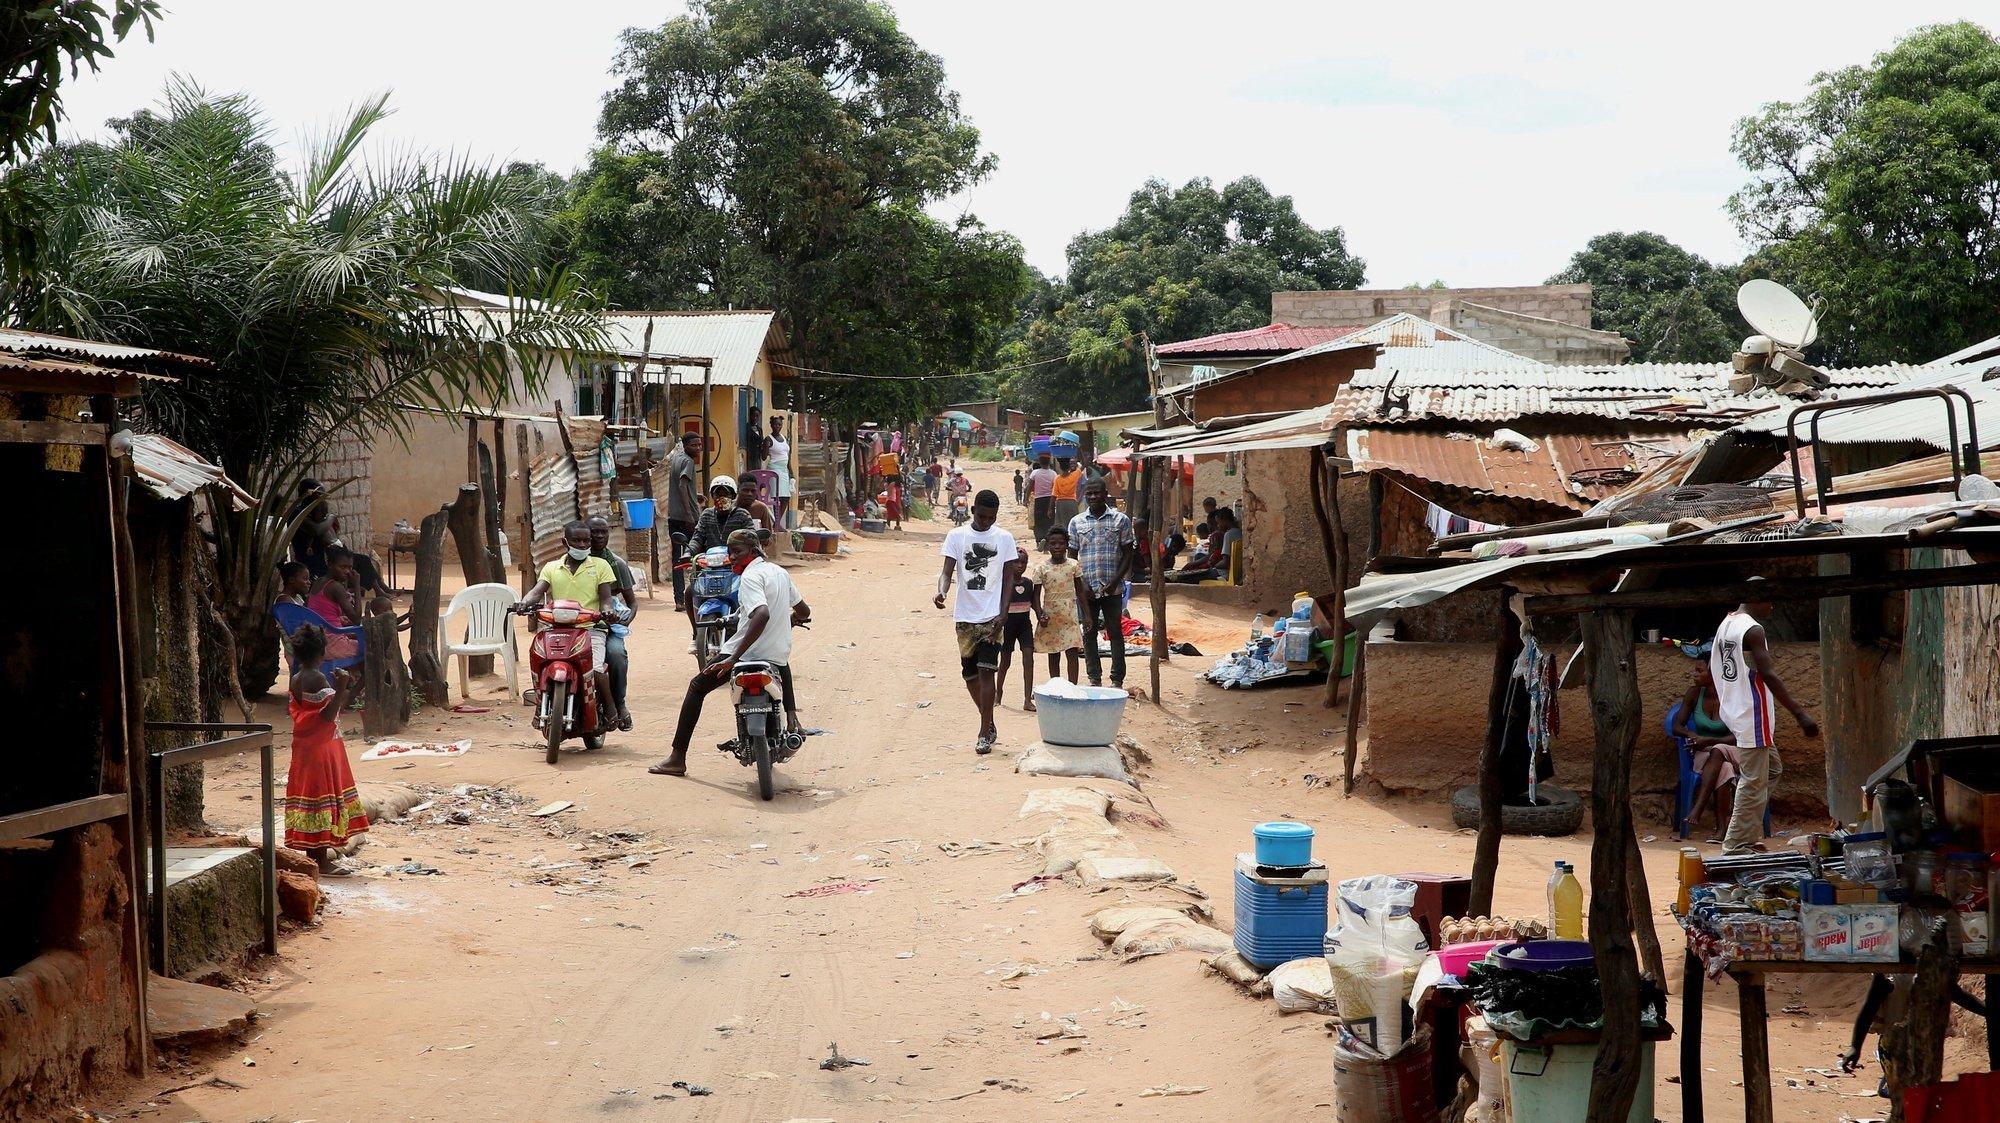 População de Cafunfo, onde a violência ocorrida no sábado resultou em vários mortos, Cuango, Lunda Norte, Angola, 04 de fevereiro de 2021. Os sobas da zona de Cafunfo pedem calma à população, depois da violência ocorrida sábado e que resultou em vários mortos, e afirmam que há estrangeiros envolvidos nos incidentes. (ACOMPANHA TEXTO DA LUSA DO DIA 05 DE FEVEREIRO DE 2021). AMPE ROGÉRIO/LUSA